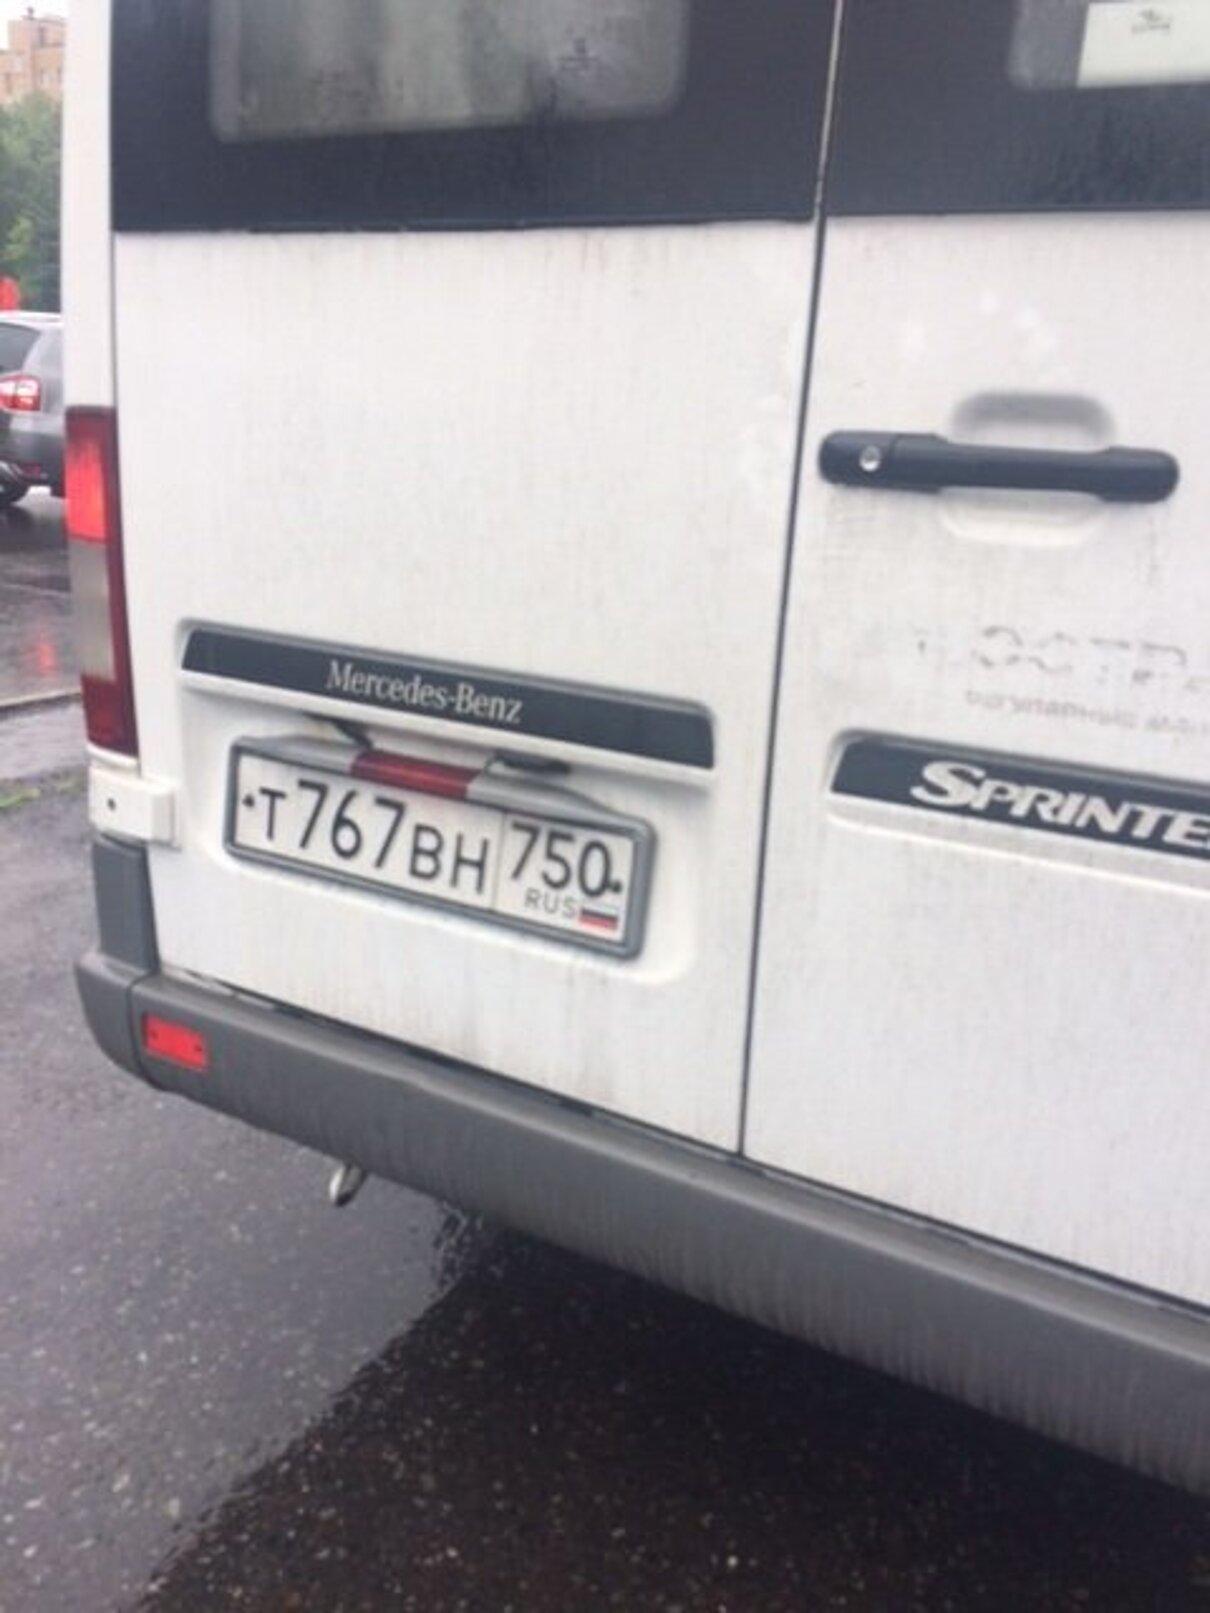 Жалоба-отзыв: Маршрутные такси Ногинск - Москва - Хотели как лучше, получили.  Фото №3